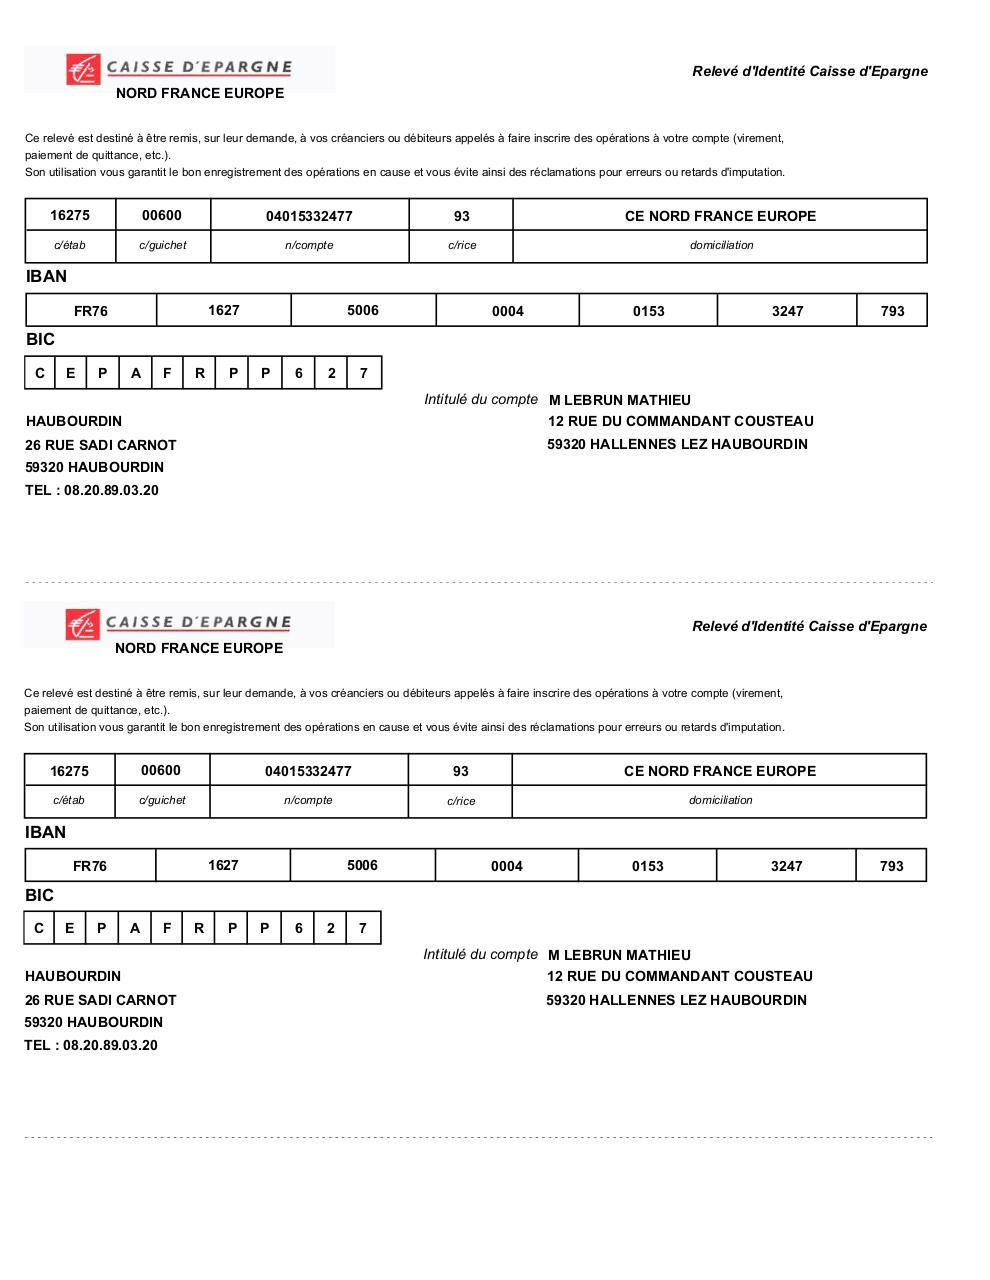 telecharger un document en pdf